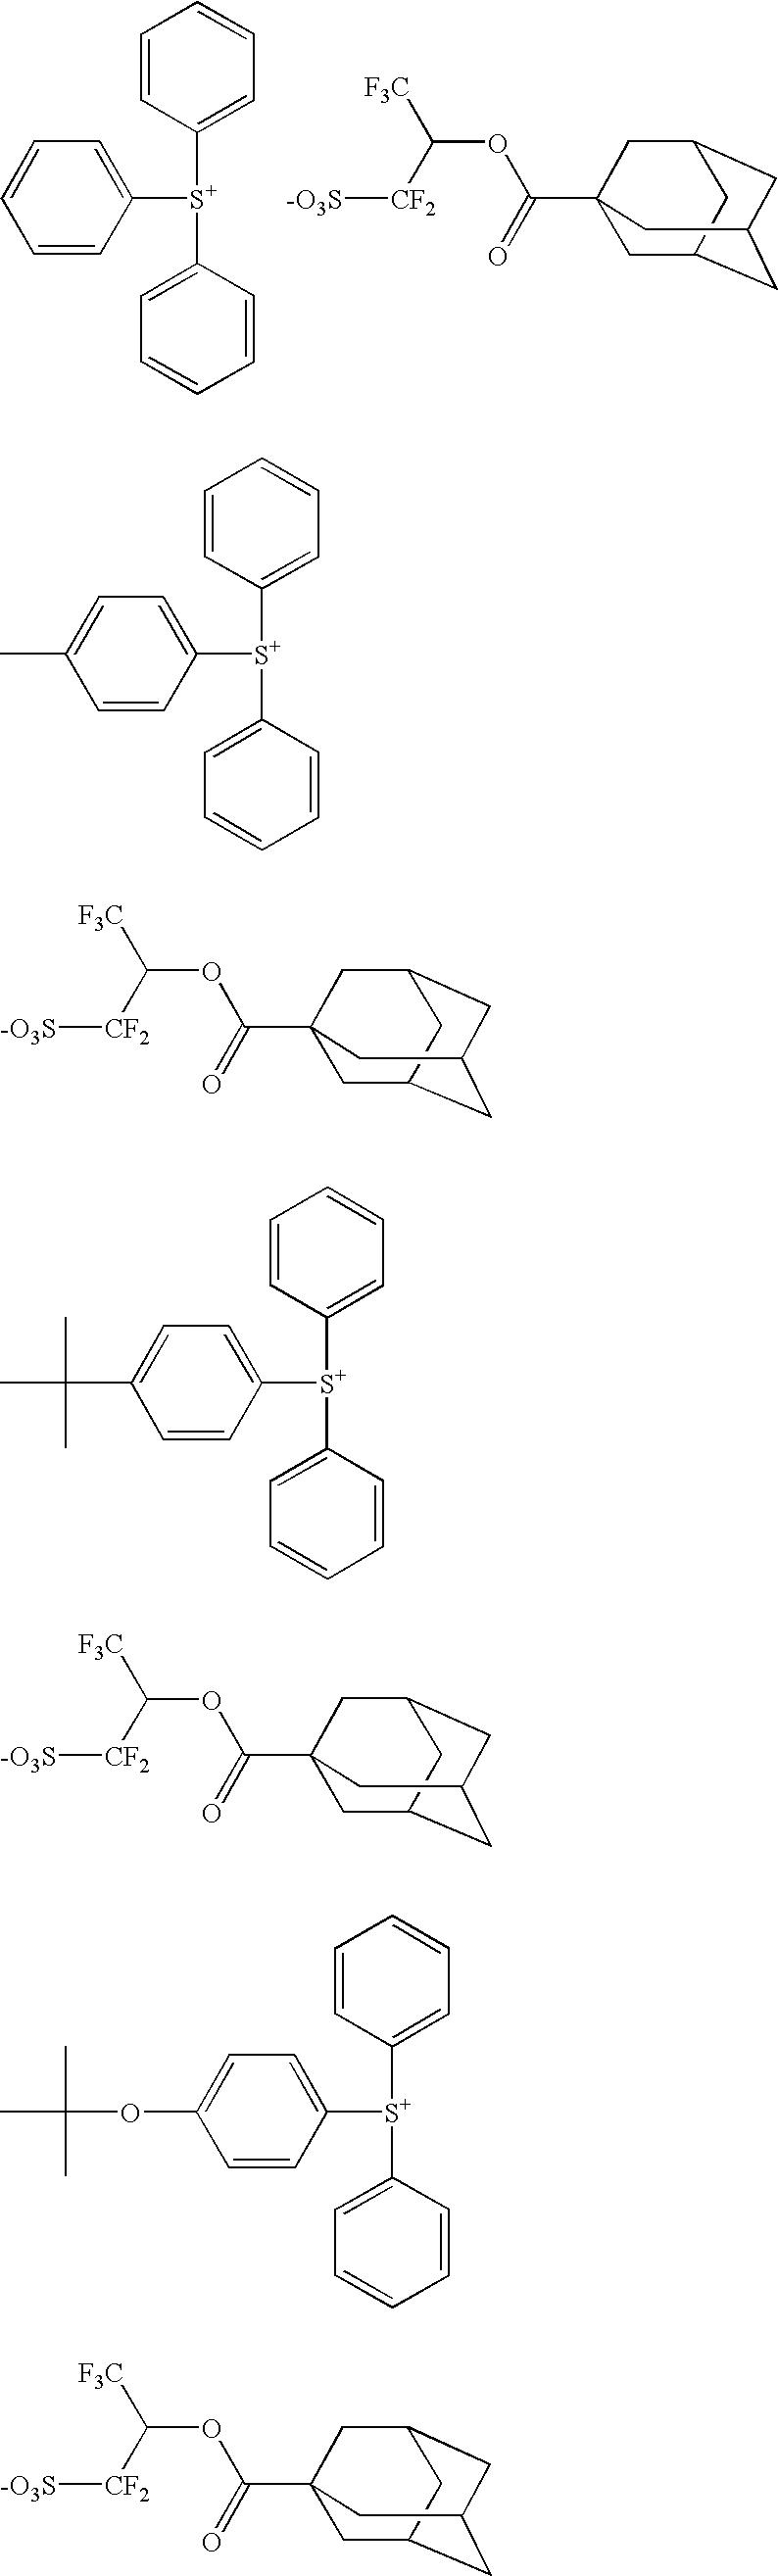 Figure US08062831-20111122-C00071